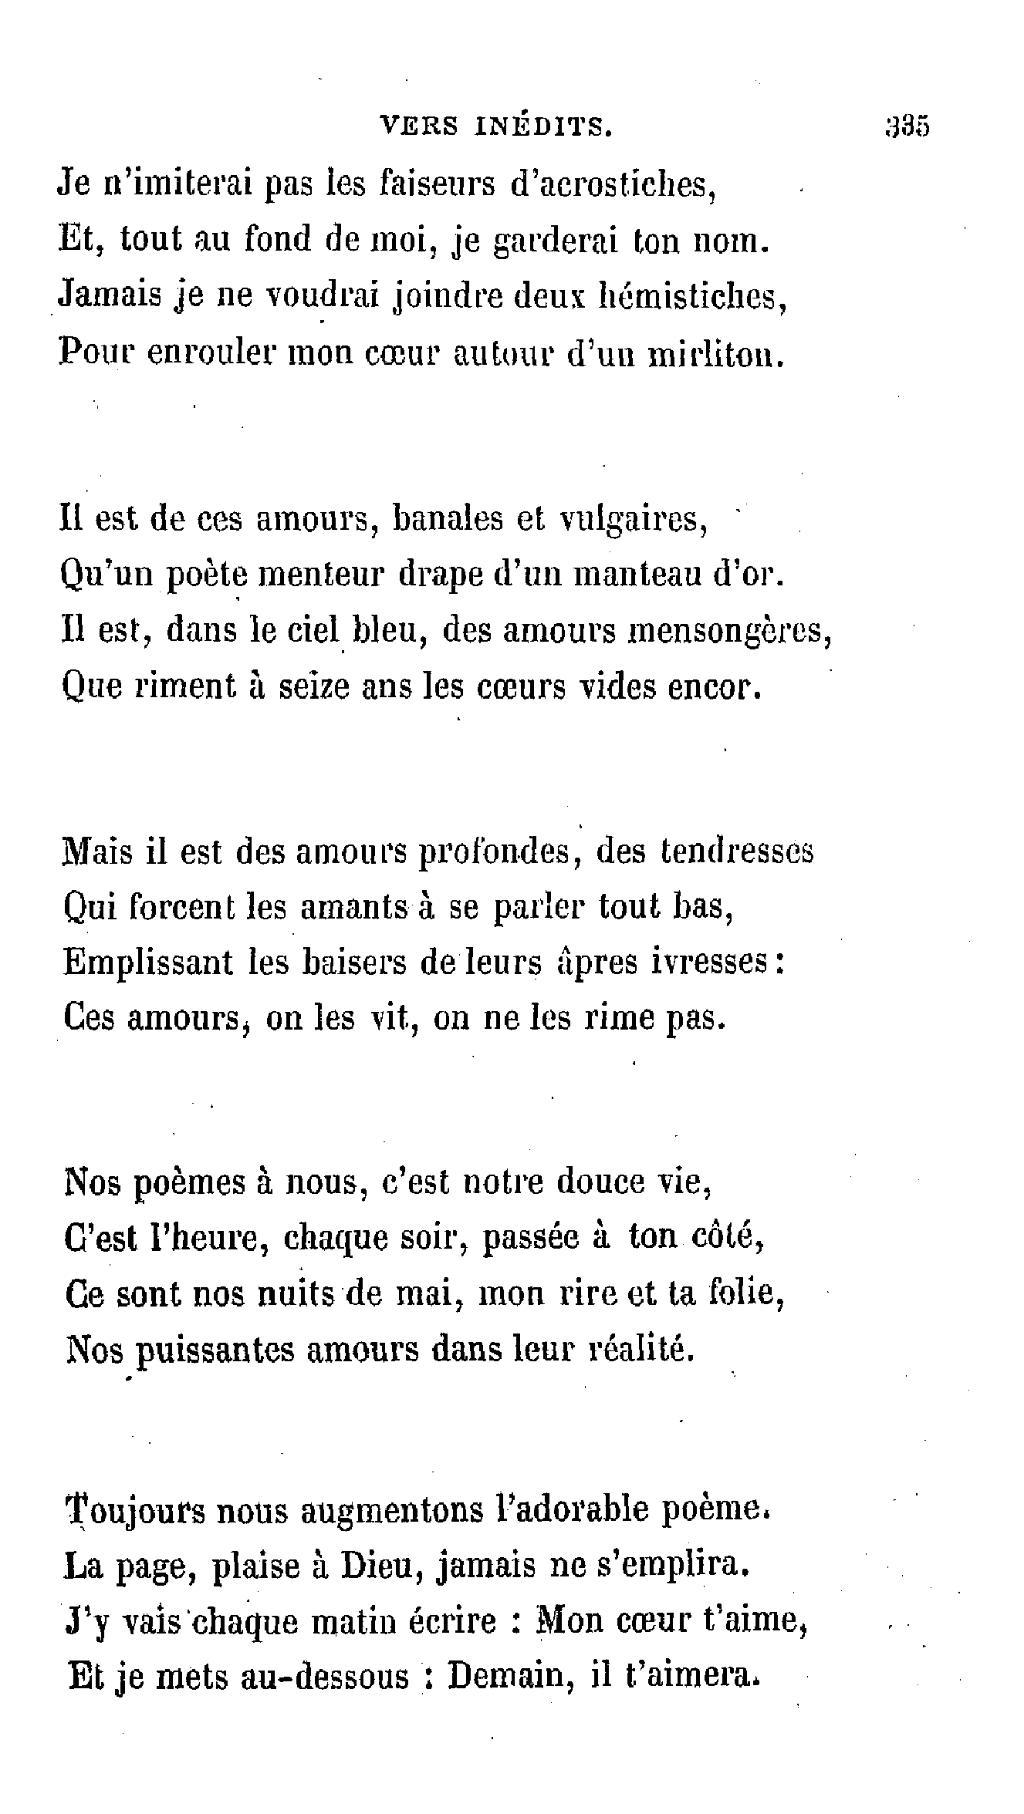 poeme zola